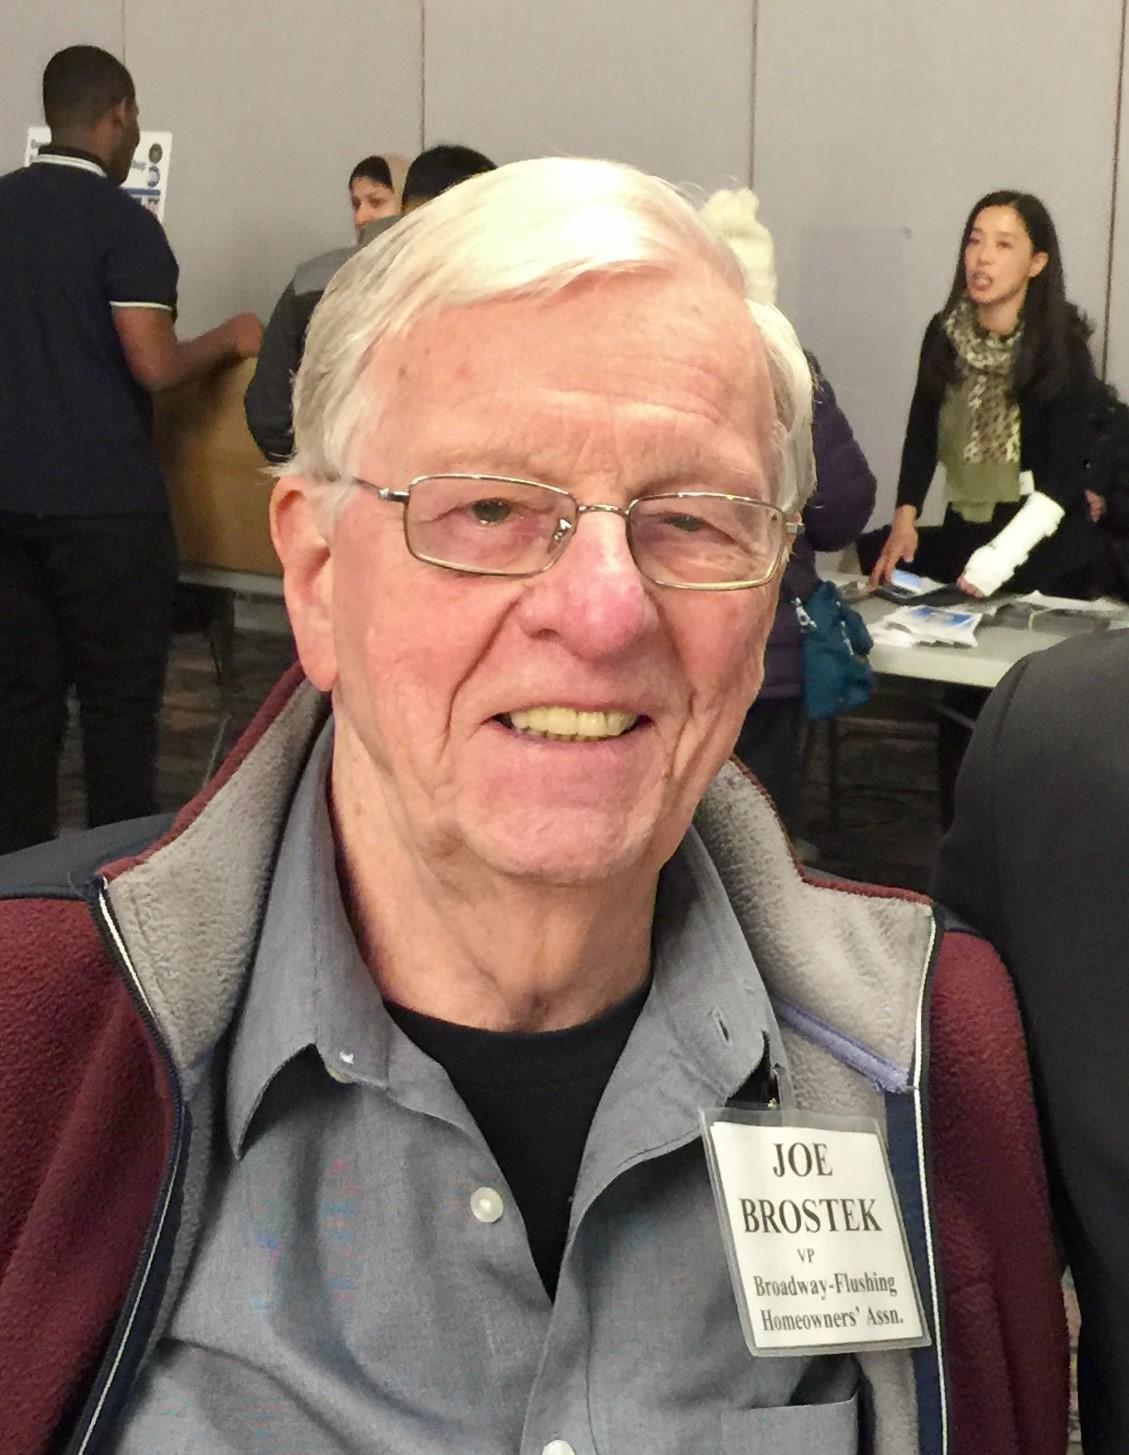 Joe Brostek